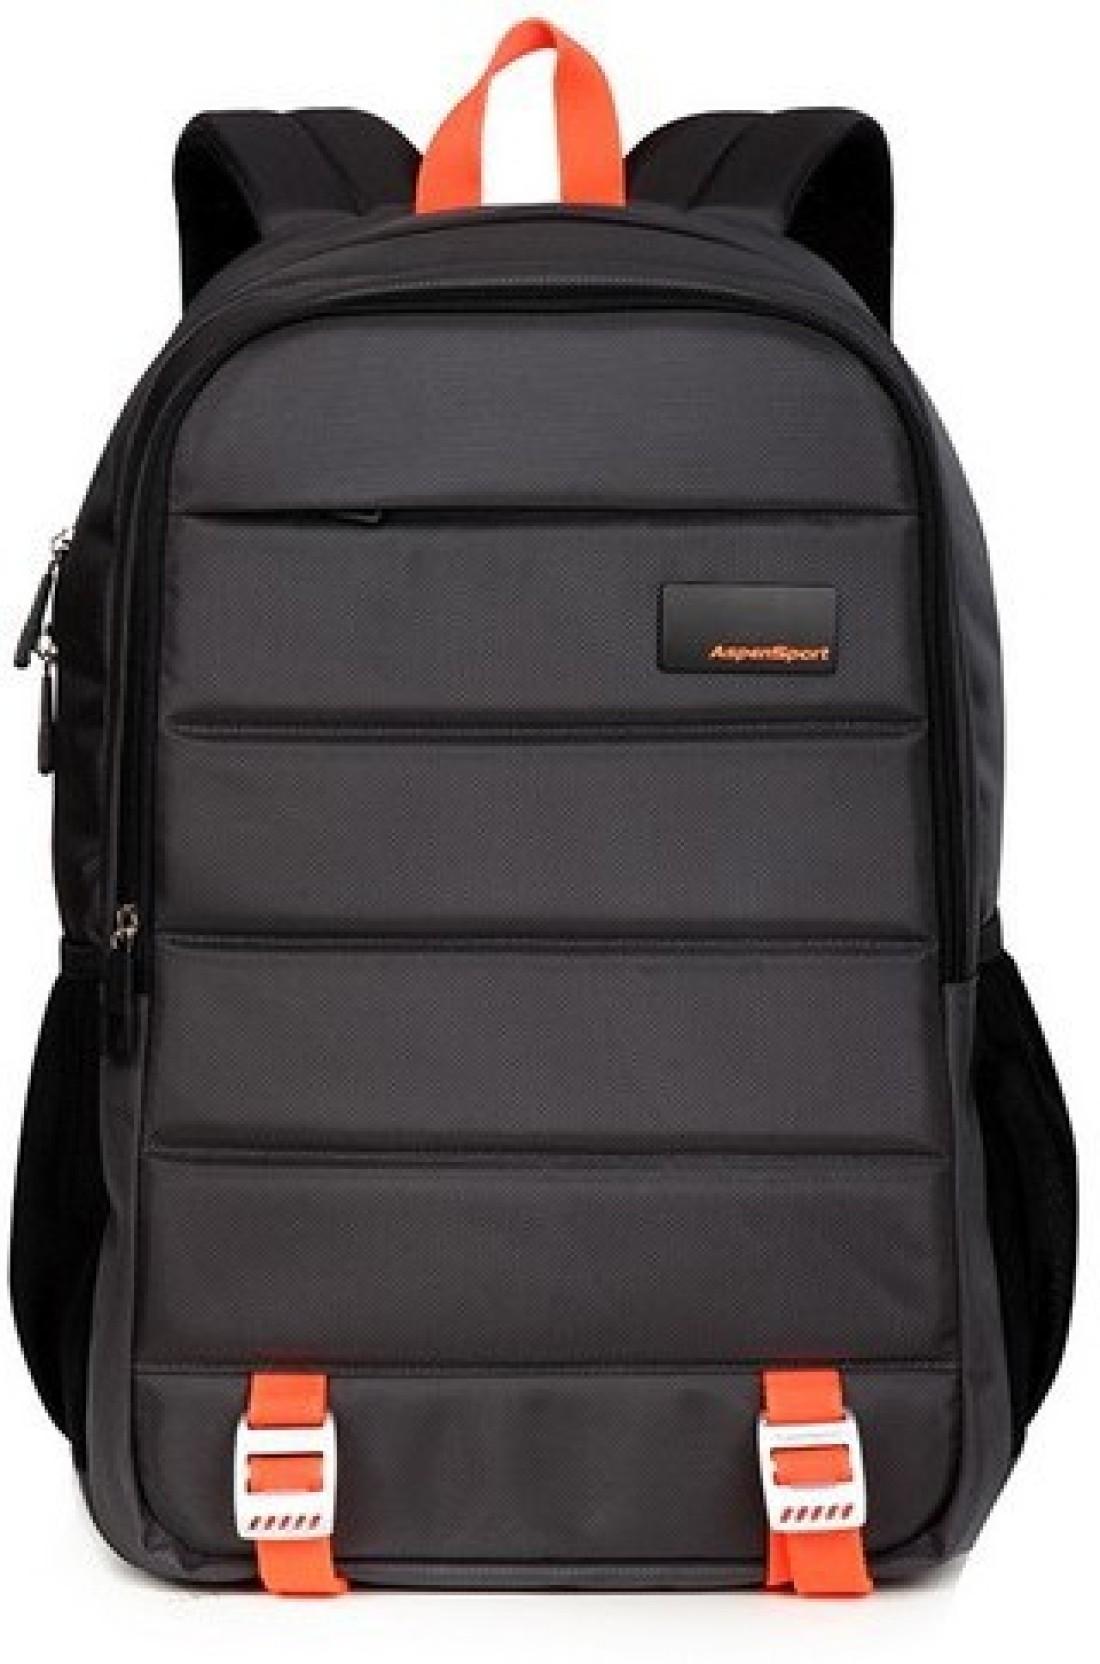 Aspensport 16 inch Laptop Backpack Grey